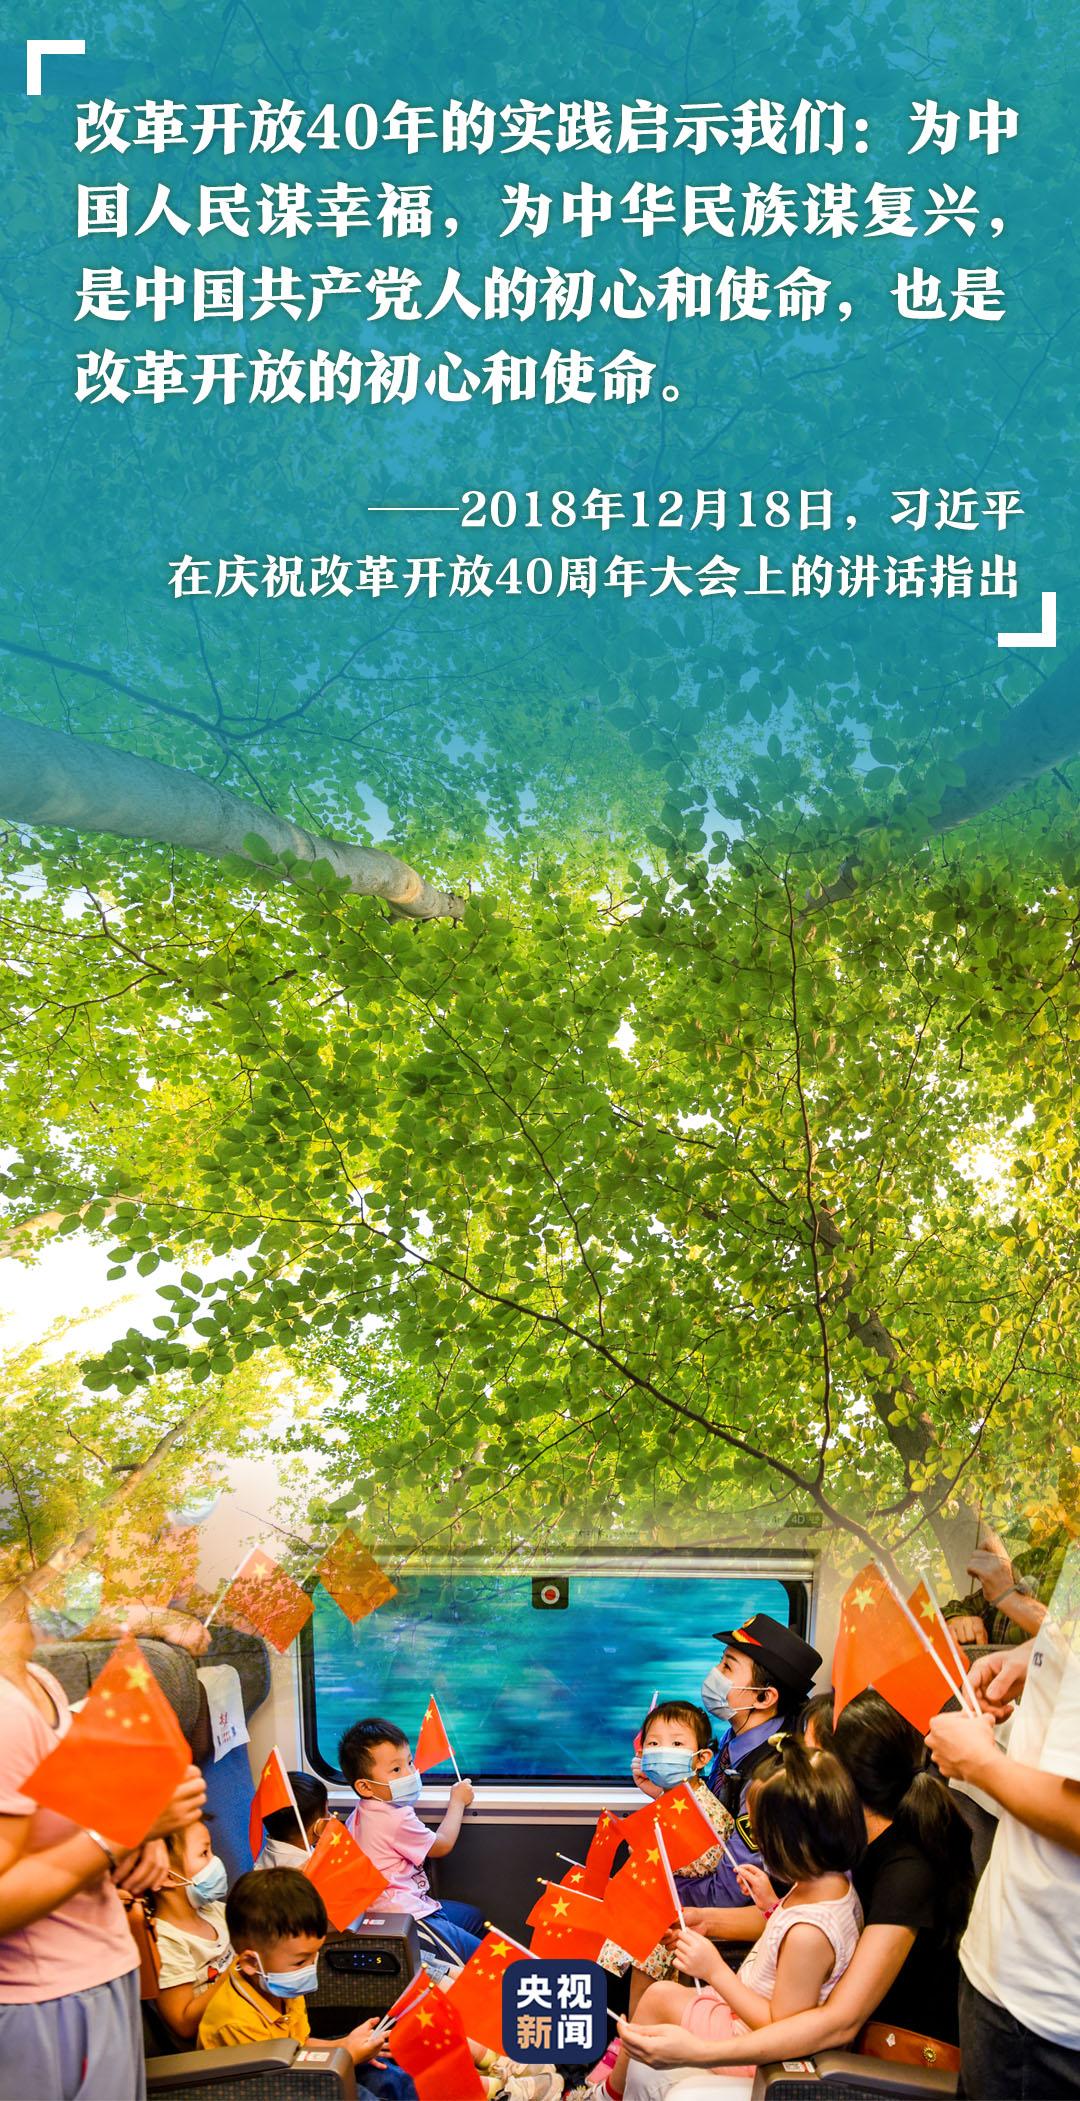 高山榕樹印初心-圖11